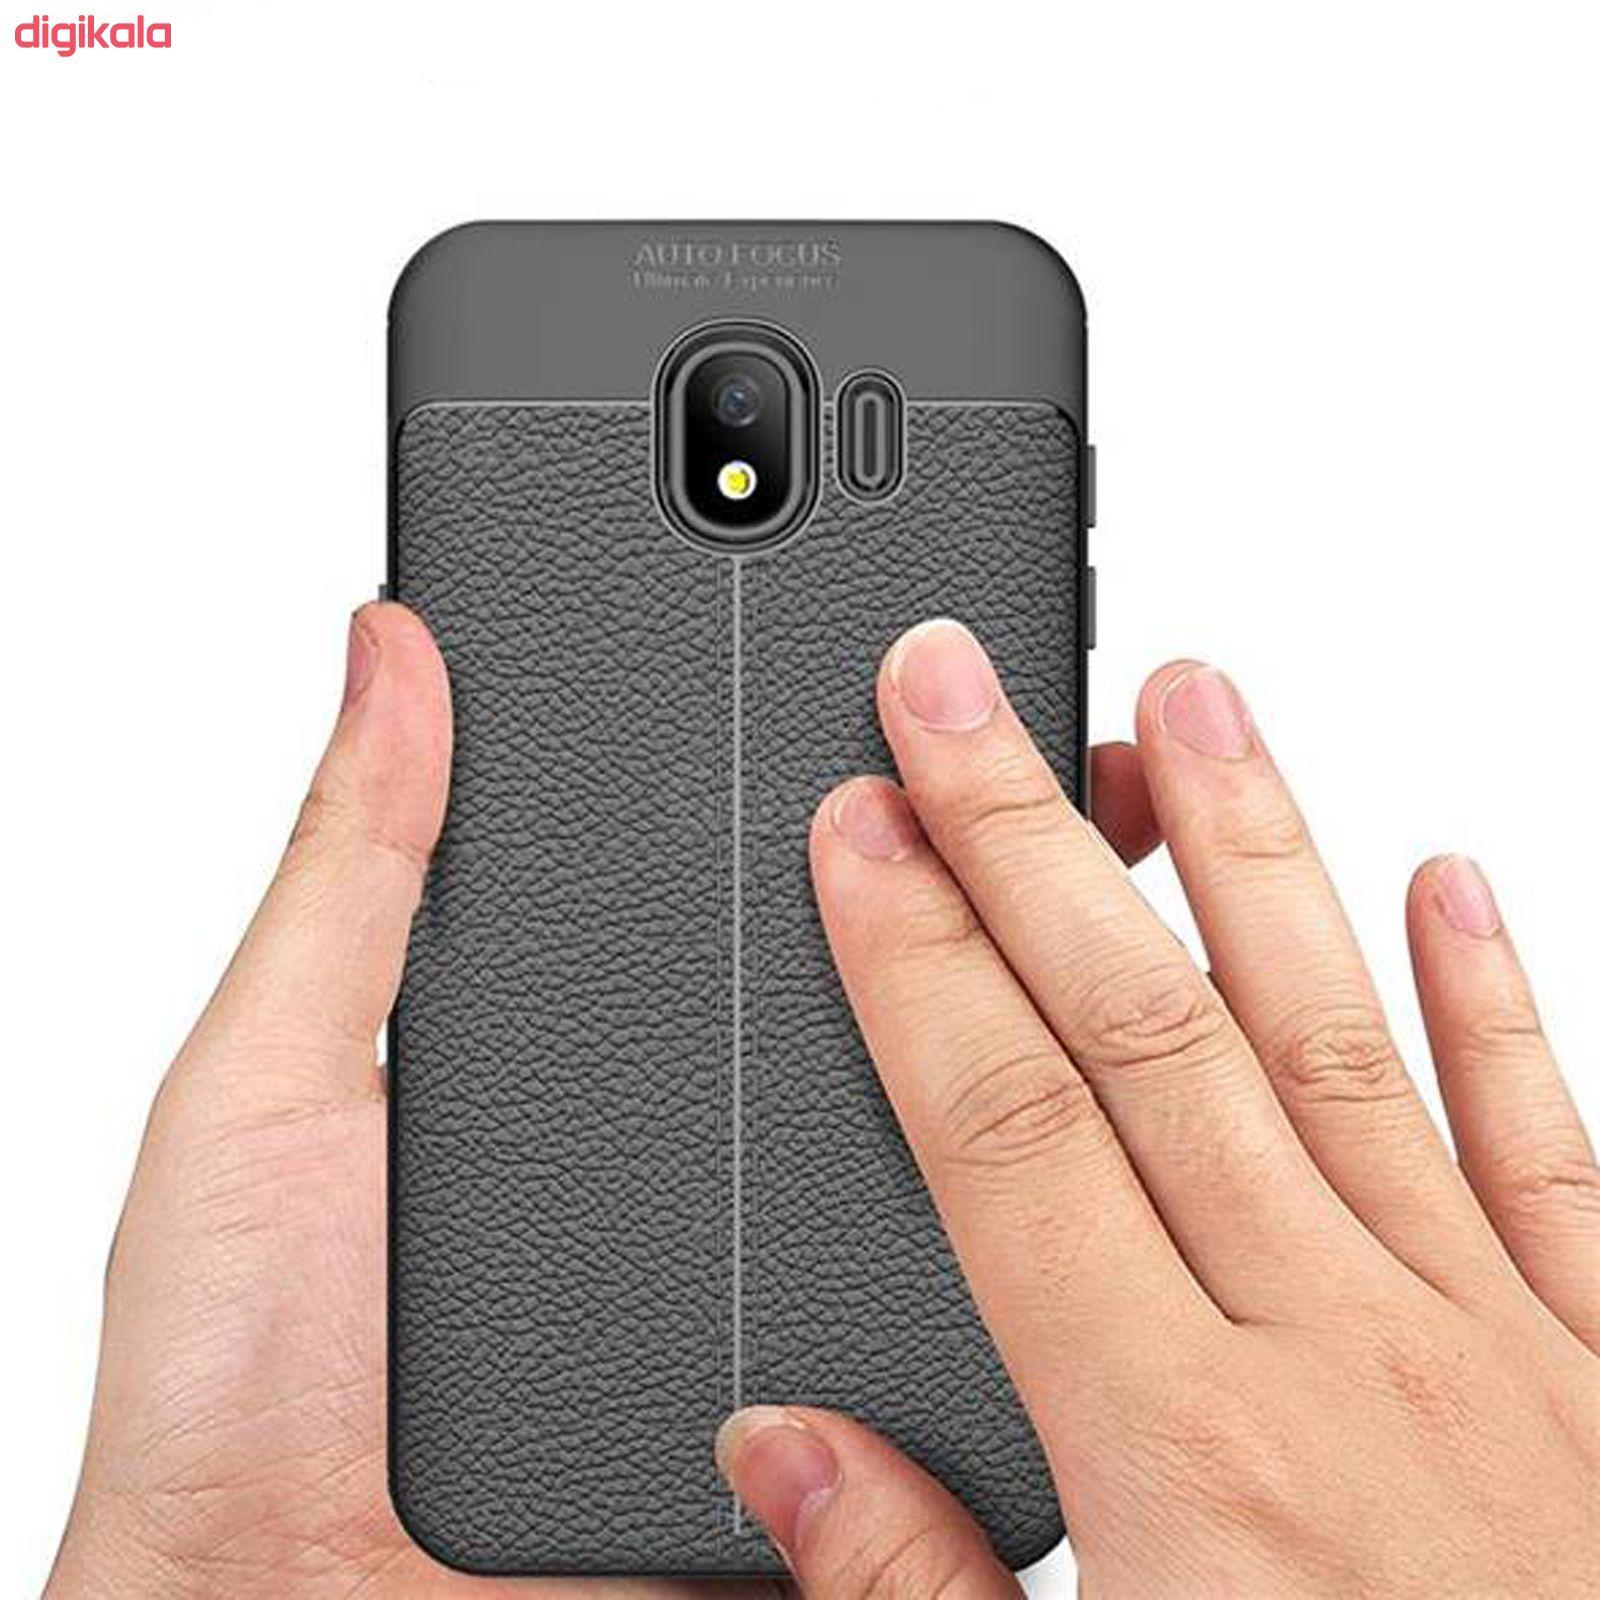 کاور فکرو مدل RX01 مناسب برای گوشی موبایل سامسونگ Galaxy j4 2018 main 1 3